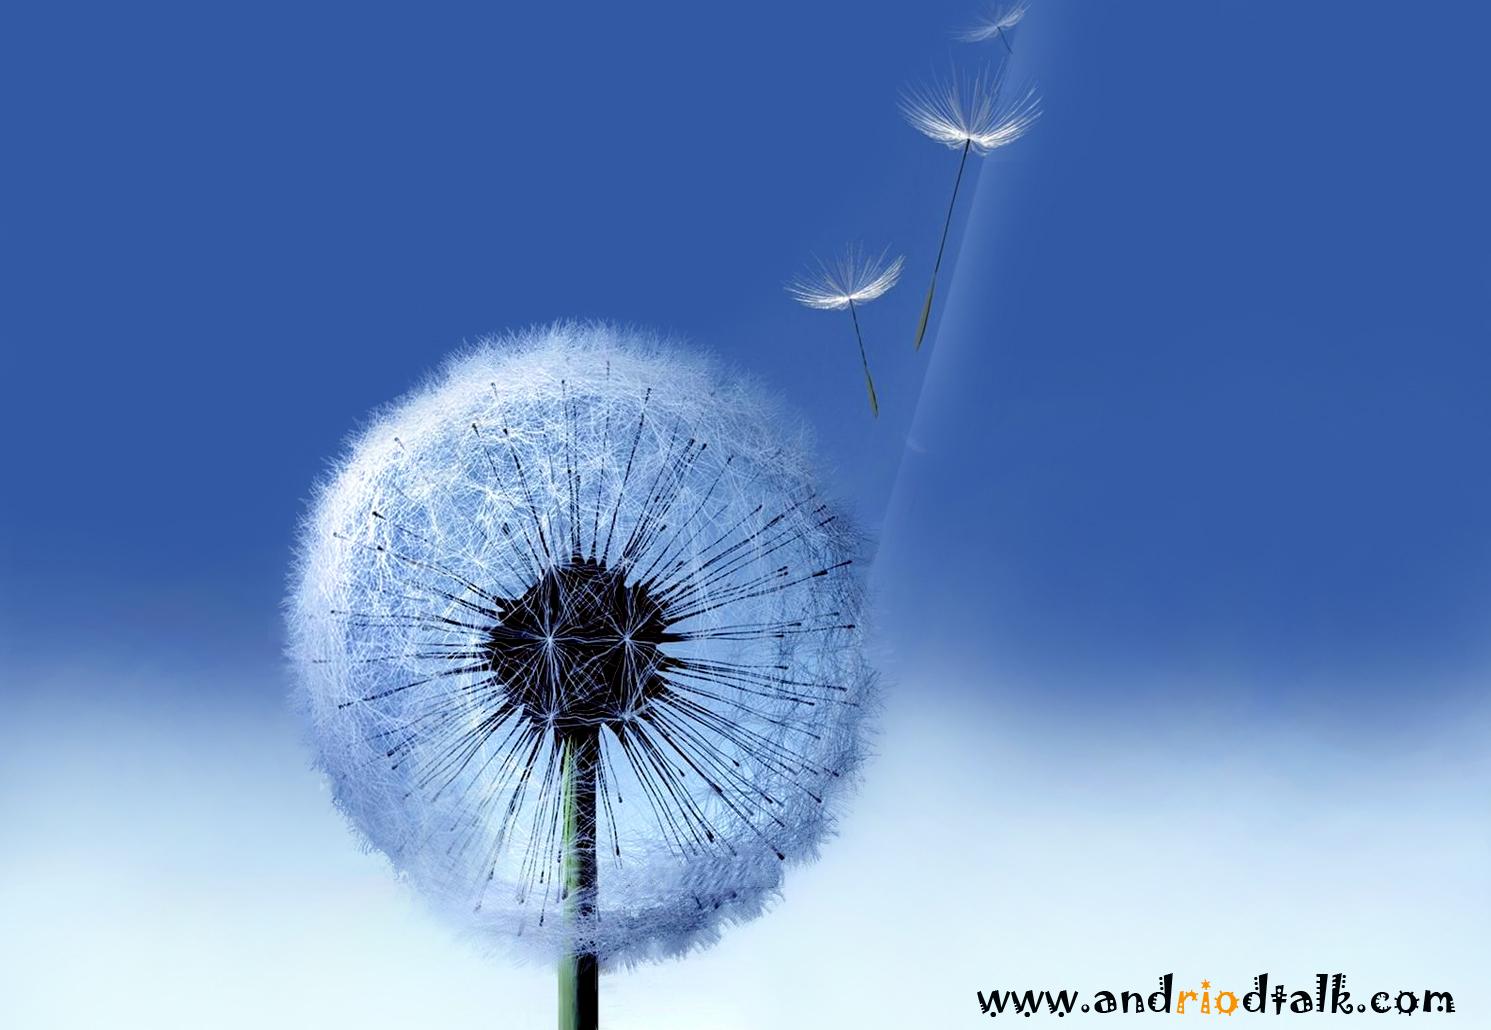 http://3.bp.blogspot.com/--pUhFvU4eiw/UBtjZGRF2mI/AAAAAAAAJjg/Z9Dg6HEaolM/s1600/HD-%2Bgalaxy-s3-Dandelion%2Bwallpaper%2Bfor%2BPC%2Bdesktop%2Bwallpaper.jpg